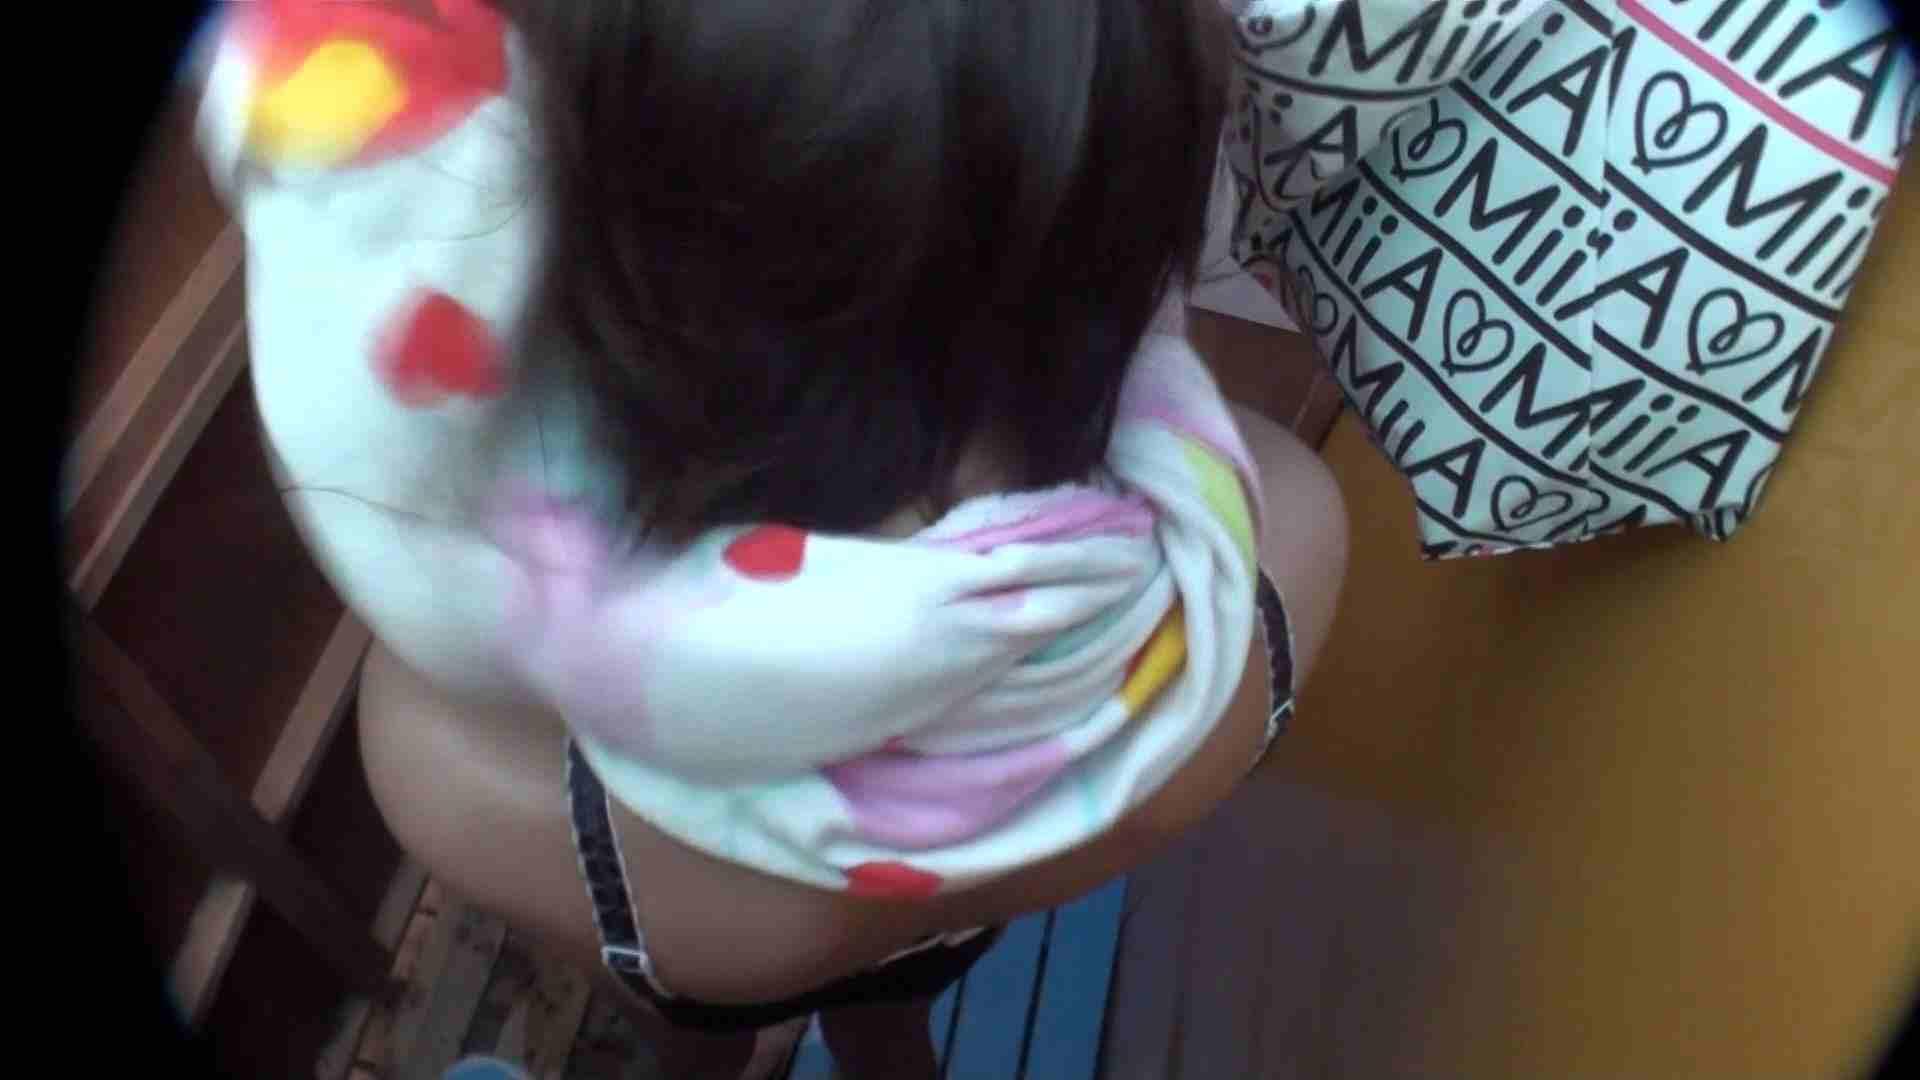 シャワールームは超!!危険な香りVol.20 乳首が見えるのはほんの一瞬です 背中をお楽しみ下さい・・・ 乳首  78pic 47